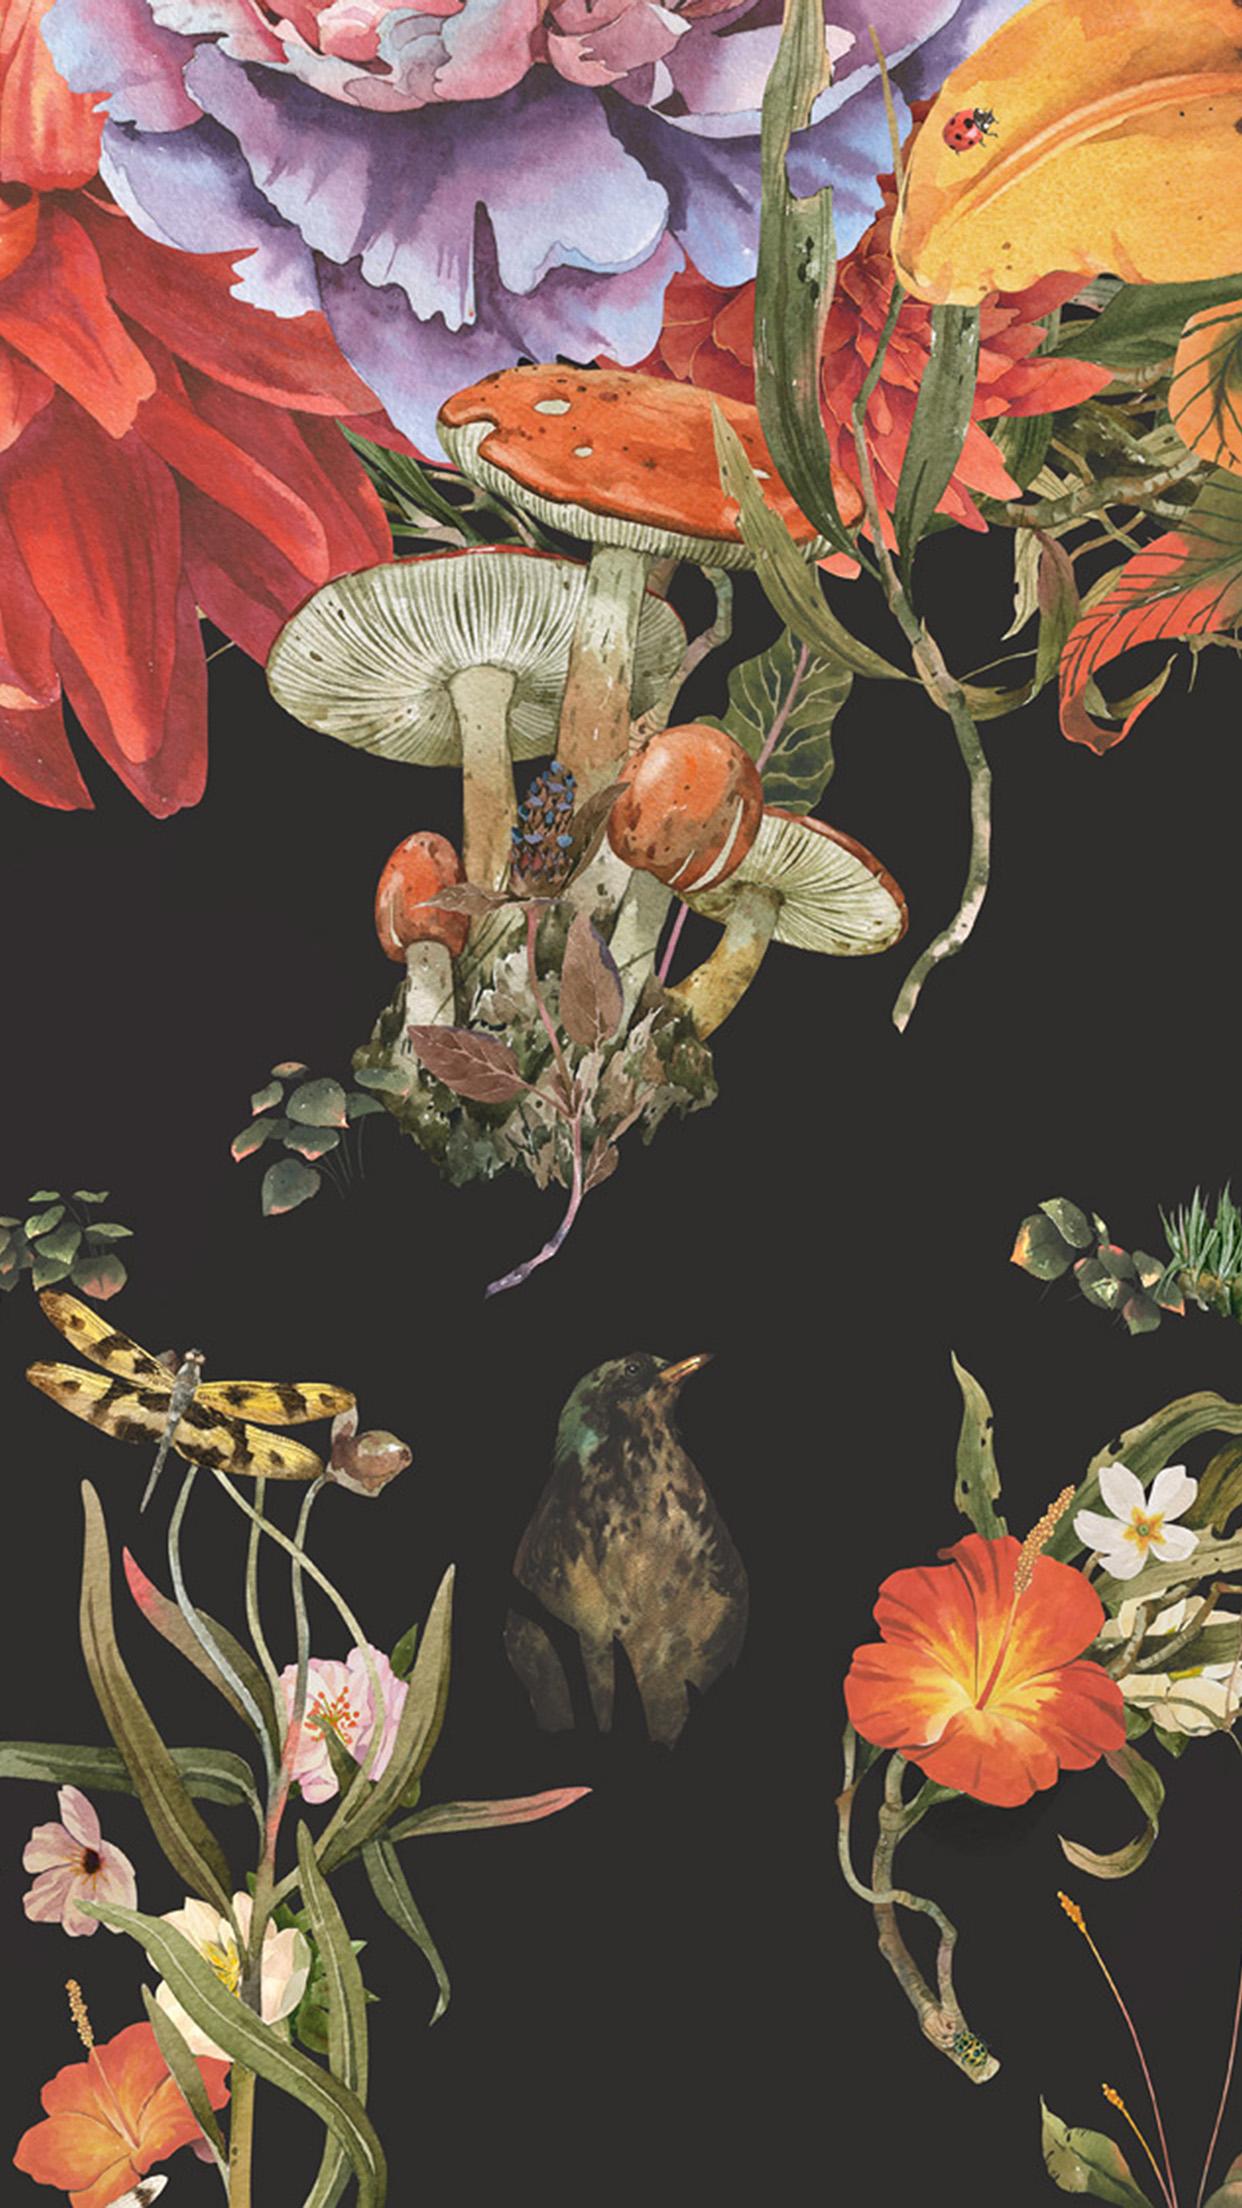 bg76-flower-drawing-illust-paint-art